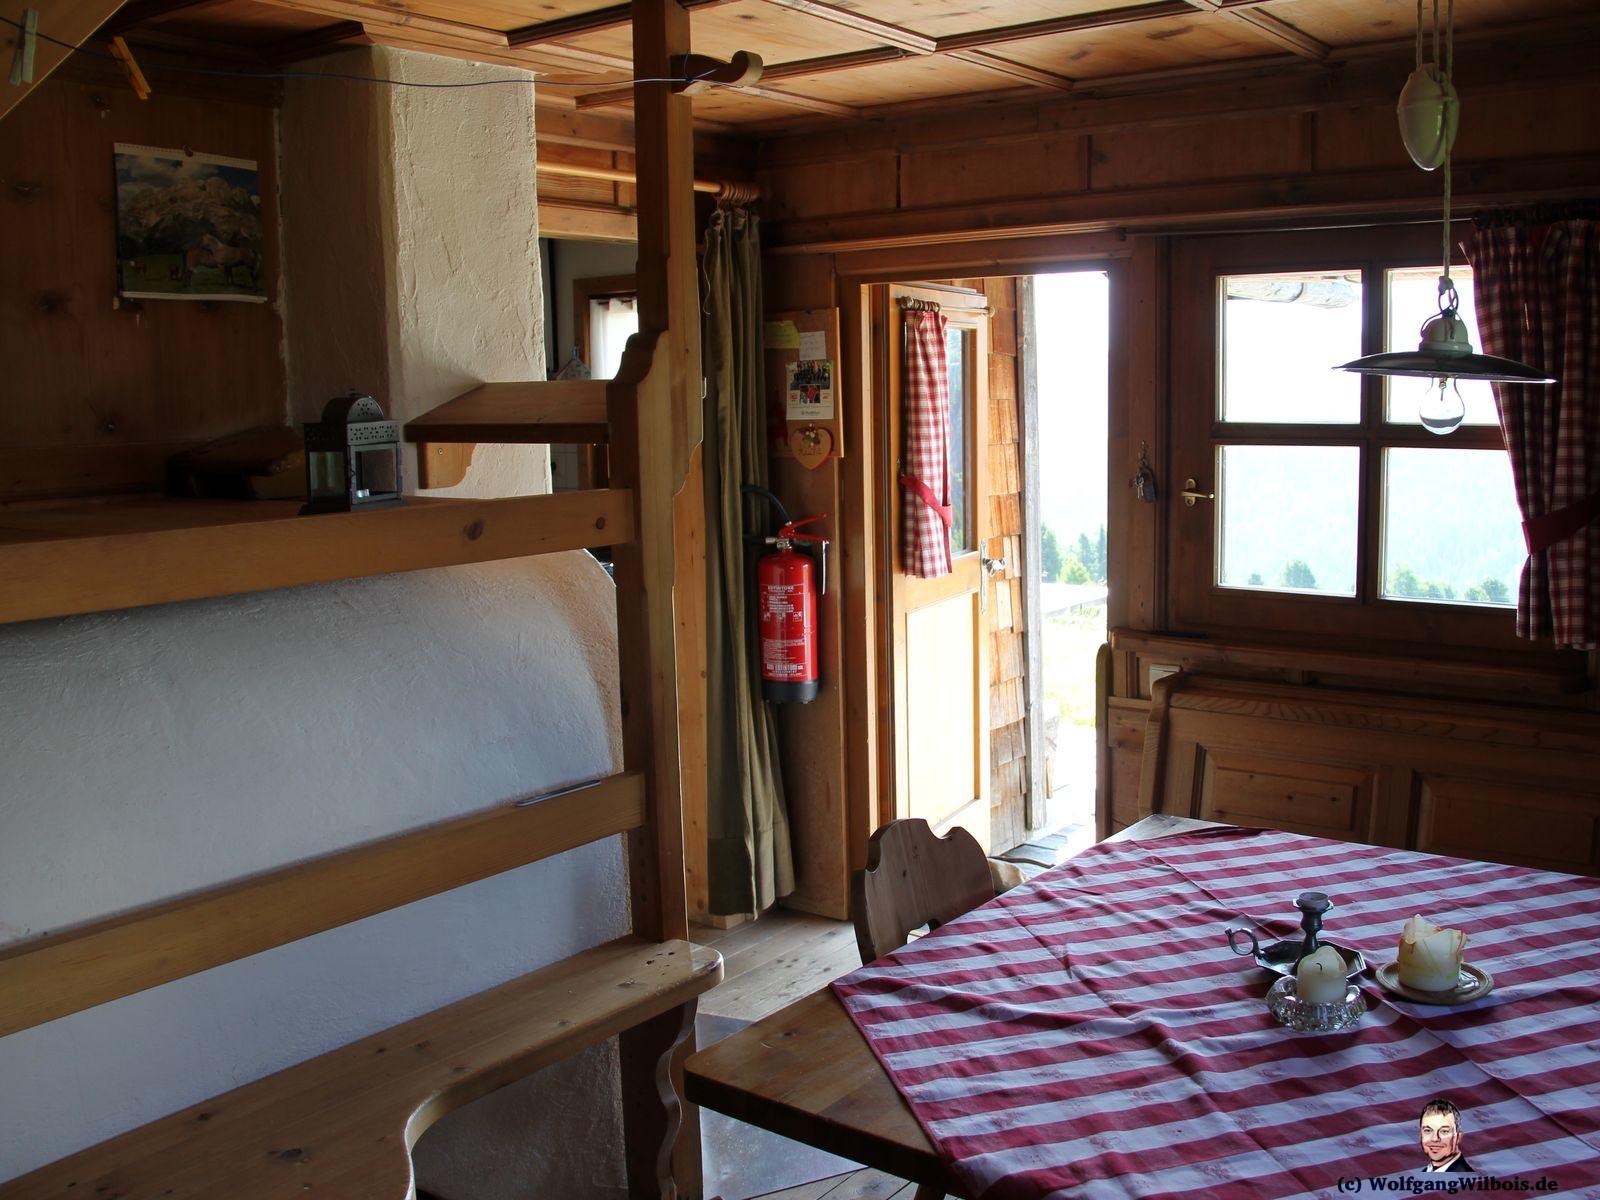 Costaces Huette Wuerzjoch Ofen